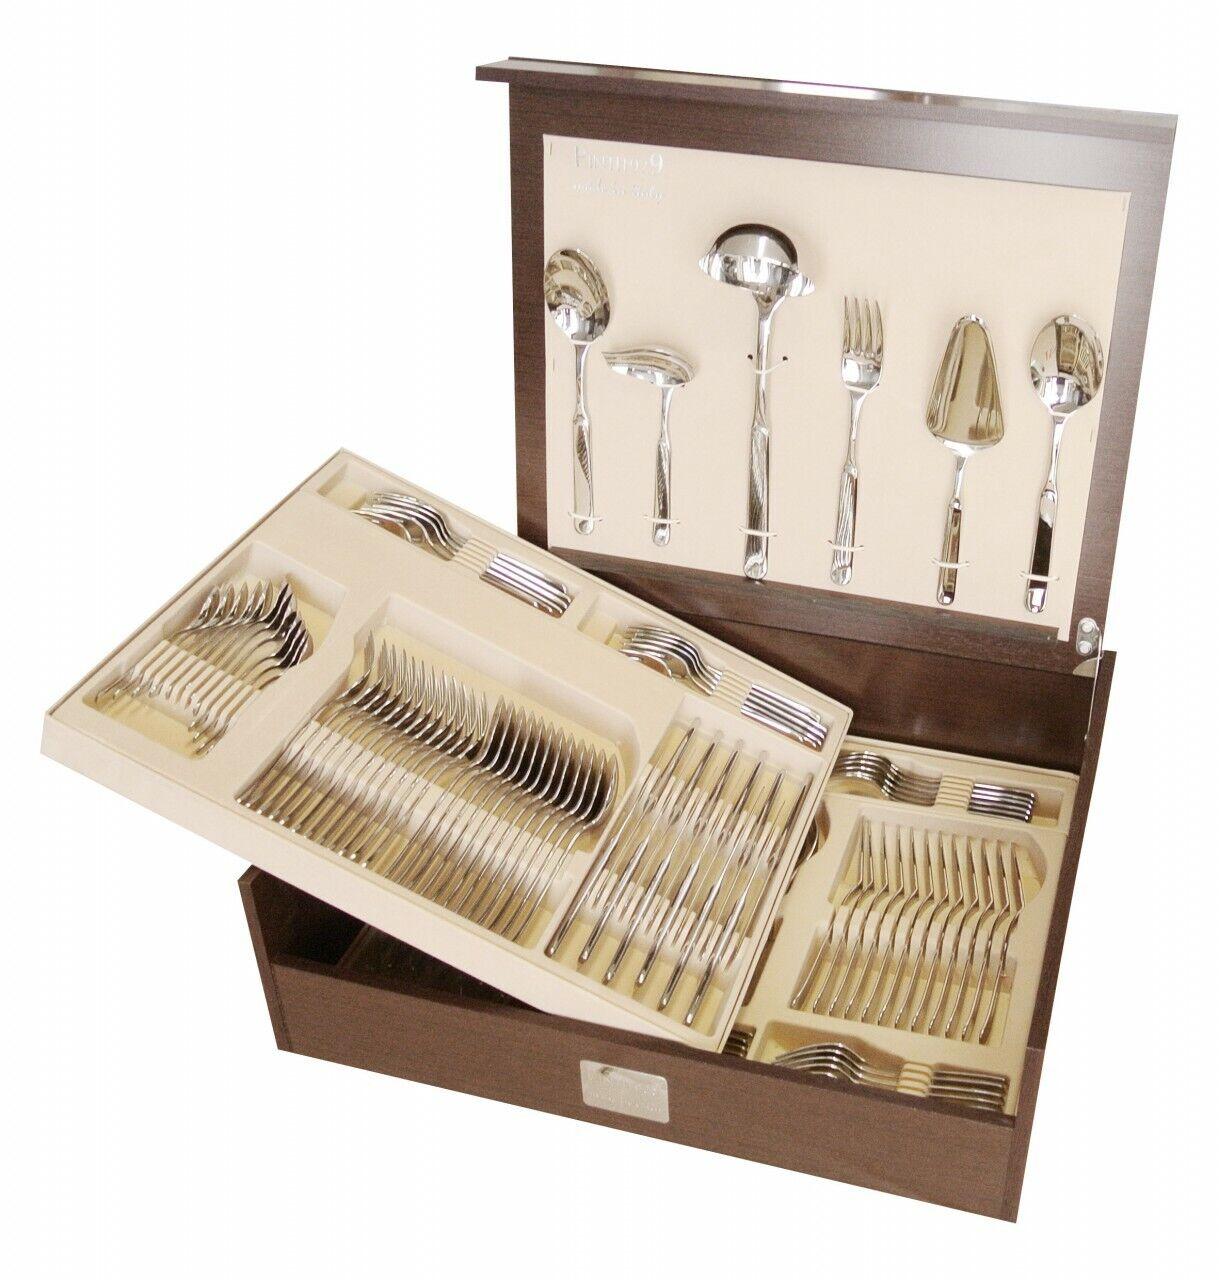 Acier inoxydable design-Table Couverts Pintinox Casali 126 pièces en bois couverts encadré